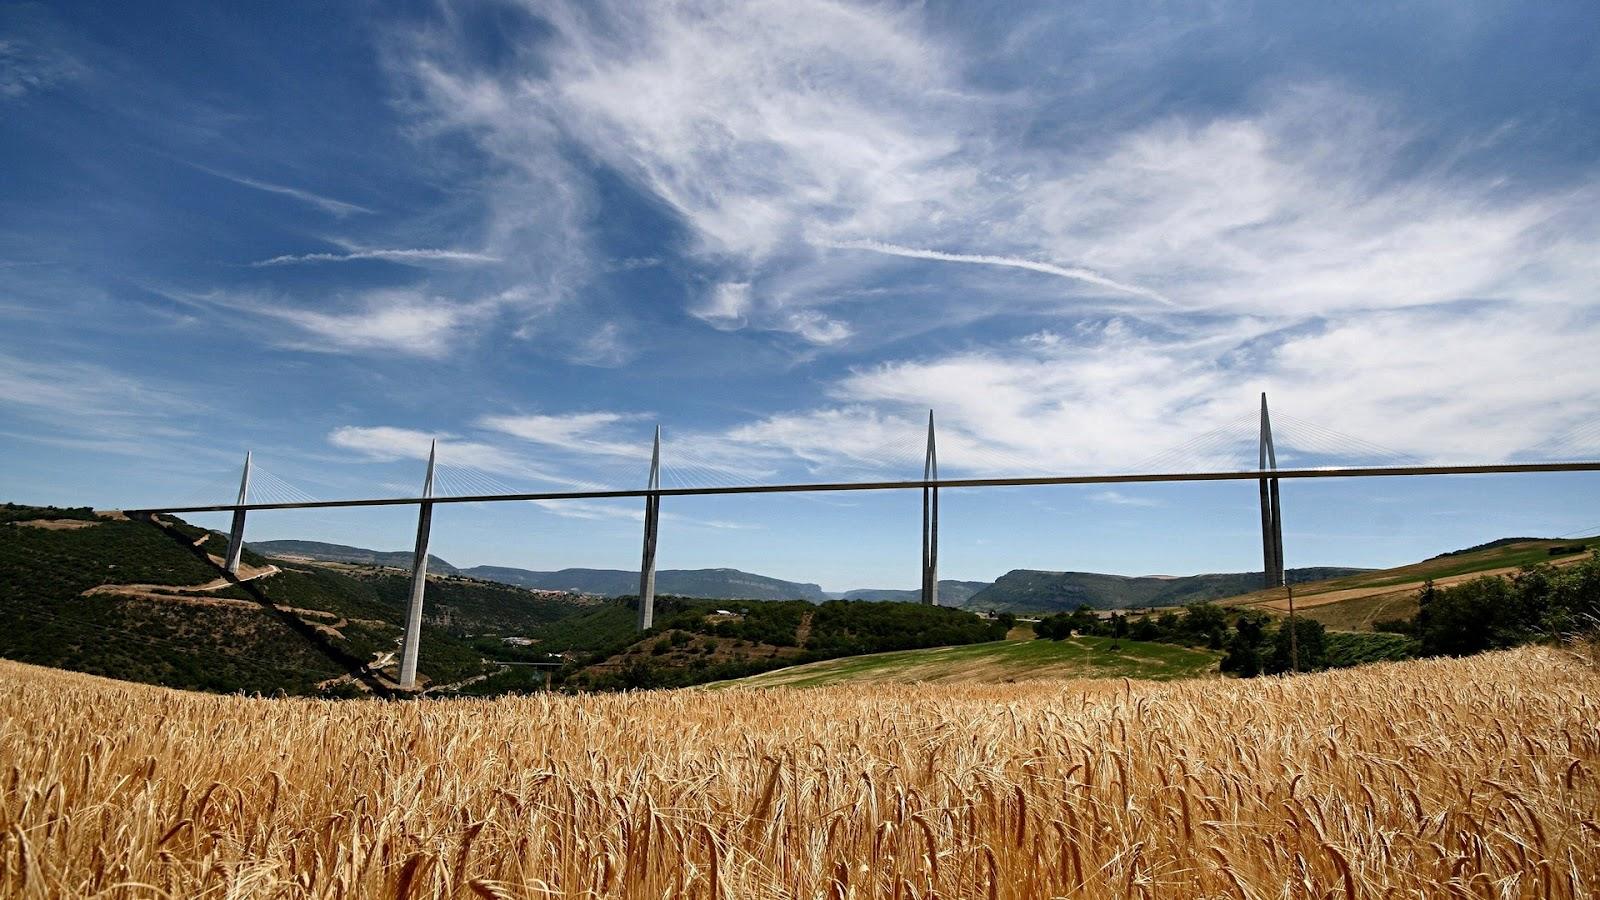 http://1.bp.blogspot.com/-VA1ECaXISAM/TzAWML2gkiI/AAAAAAAAArc/FrhViGyhpyU/s1600/Awesome+agricultural+Land+HD+wallpaper.jpg